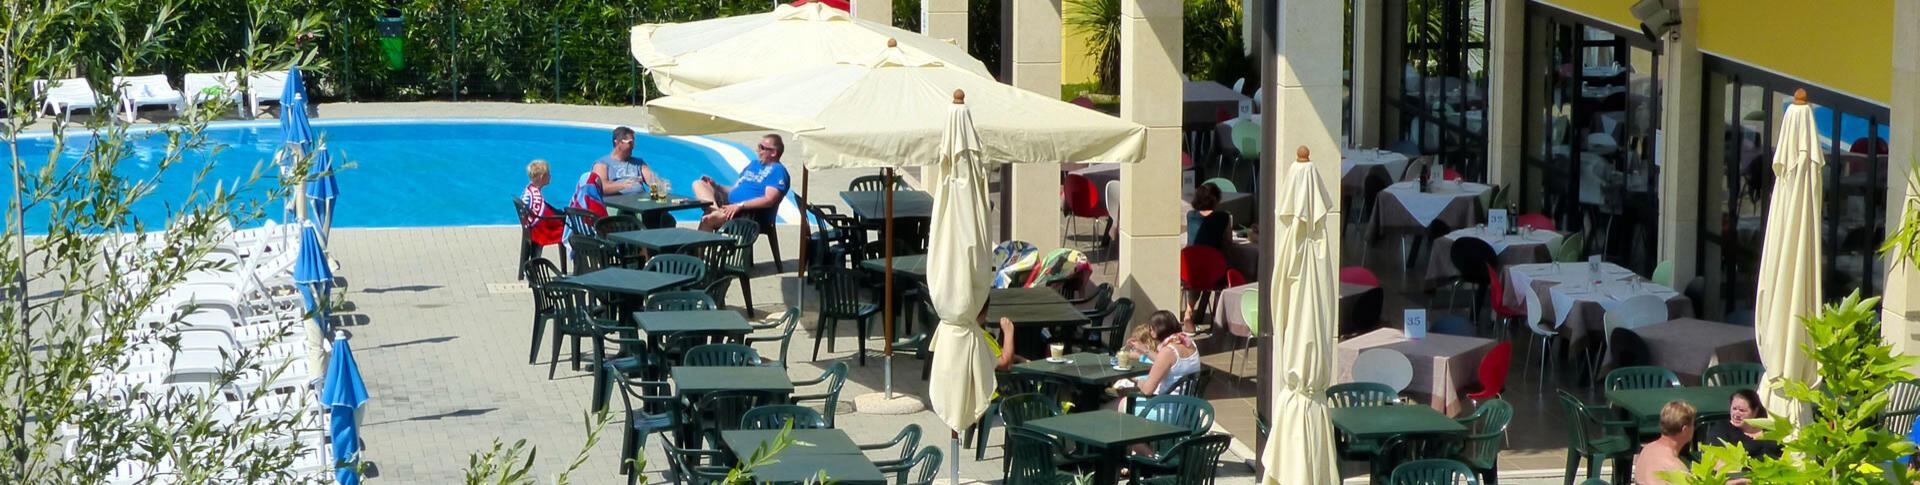 belvederevillage nl restaurant-belvedere-village 003